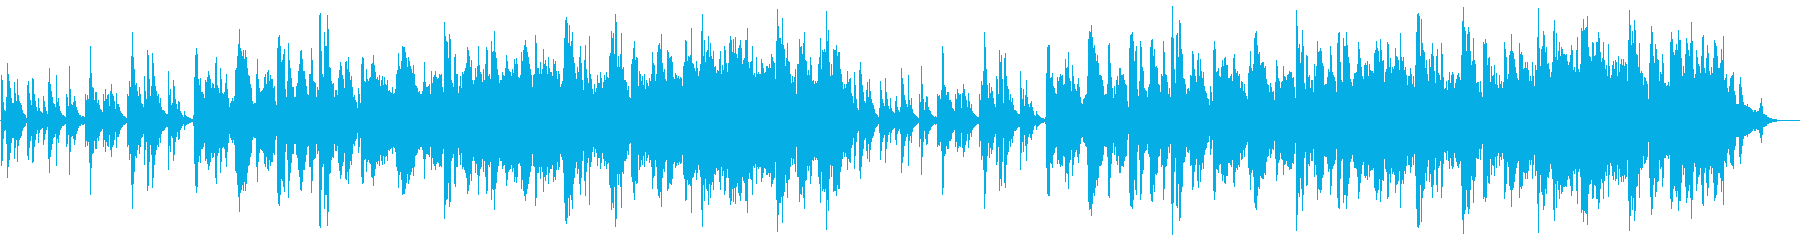 世界的な二胡奏者の生演奏 儚く寂しいの再生済みの波形